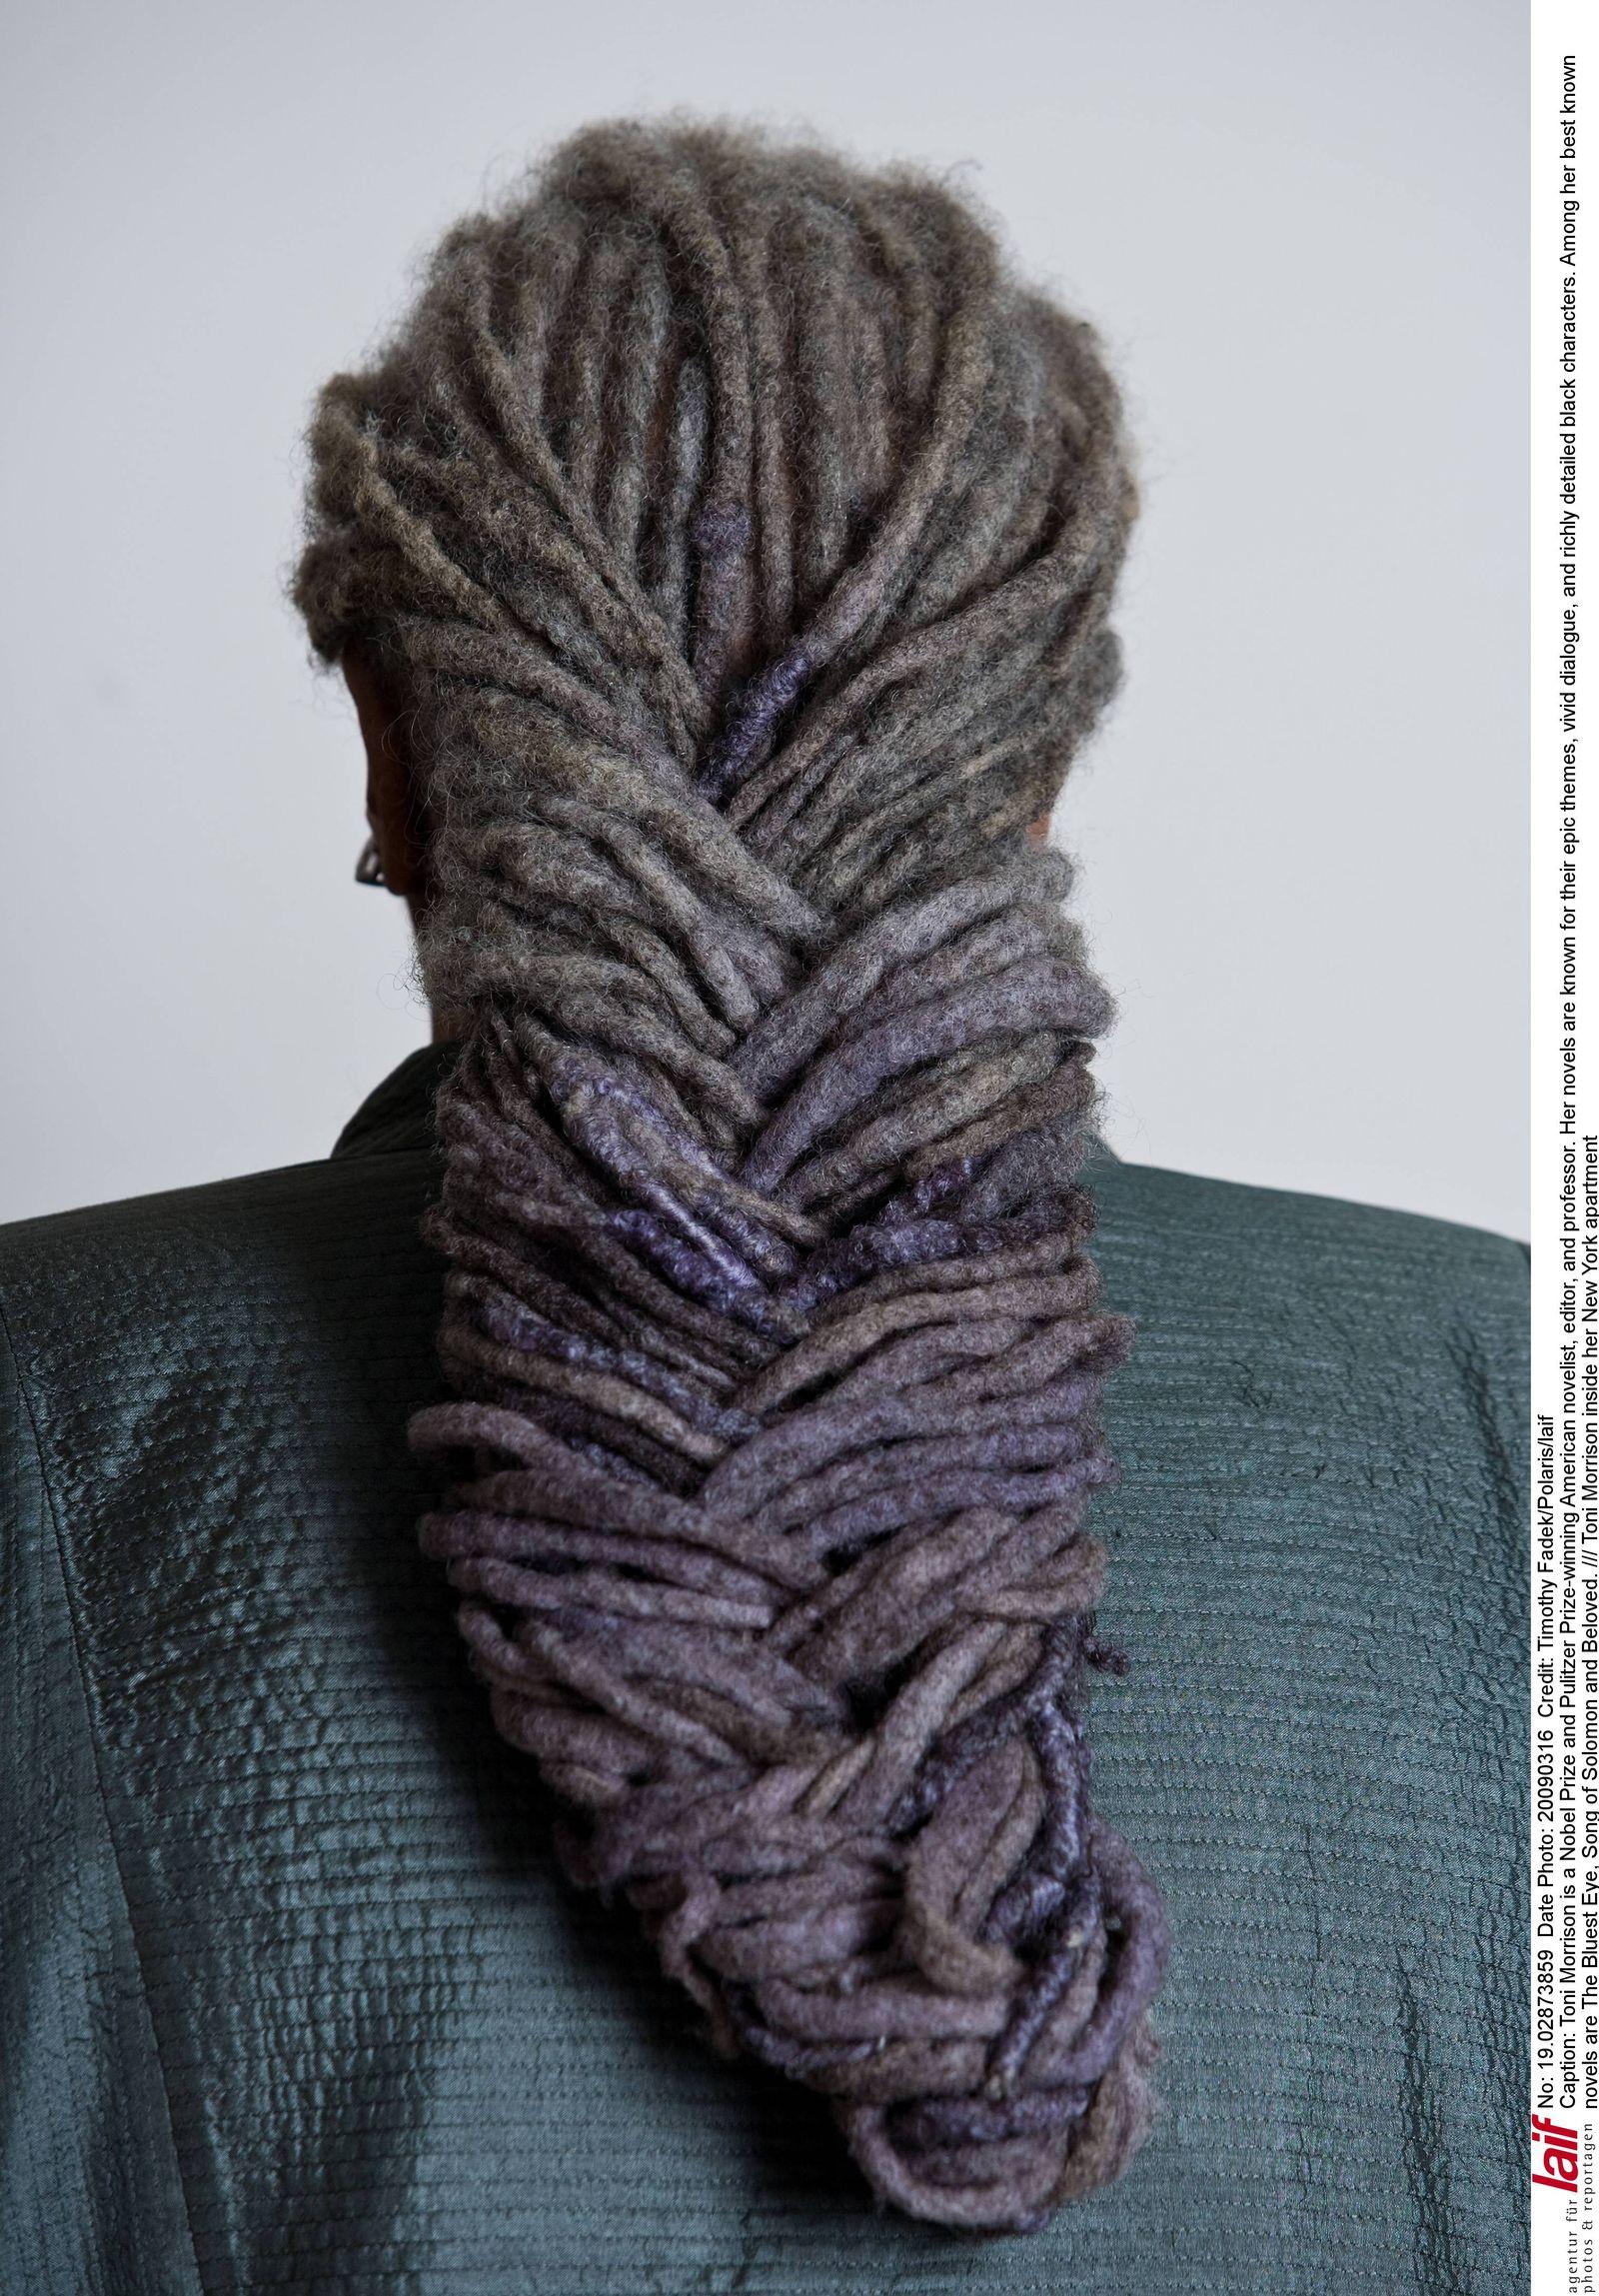 EINMALIGE VERWENDUNG SPIEGEL Plus SPIEGEL 17/2017 Toni Morrison STARTBILD